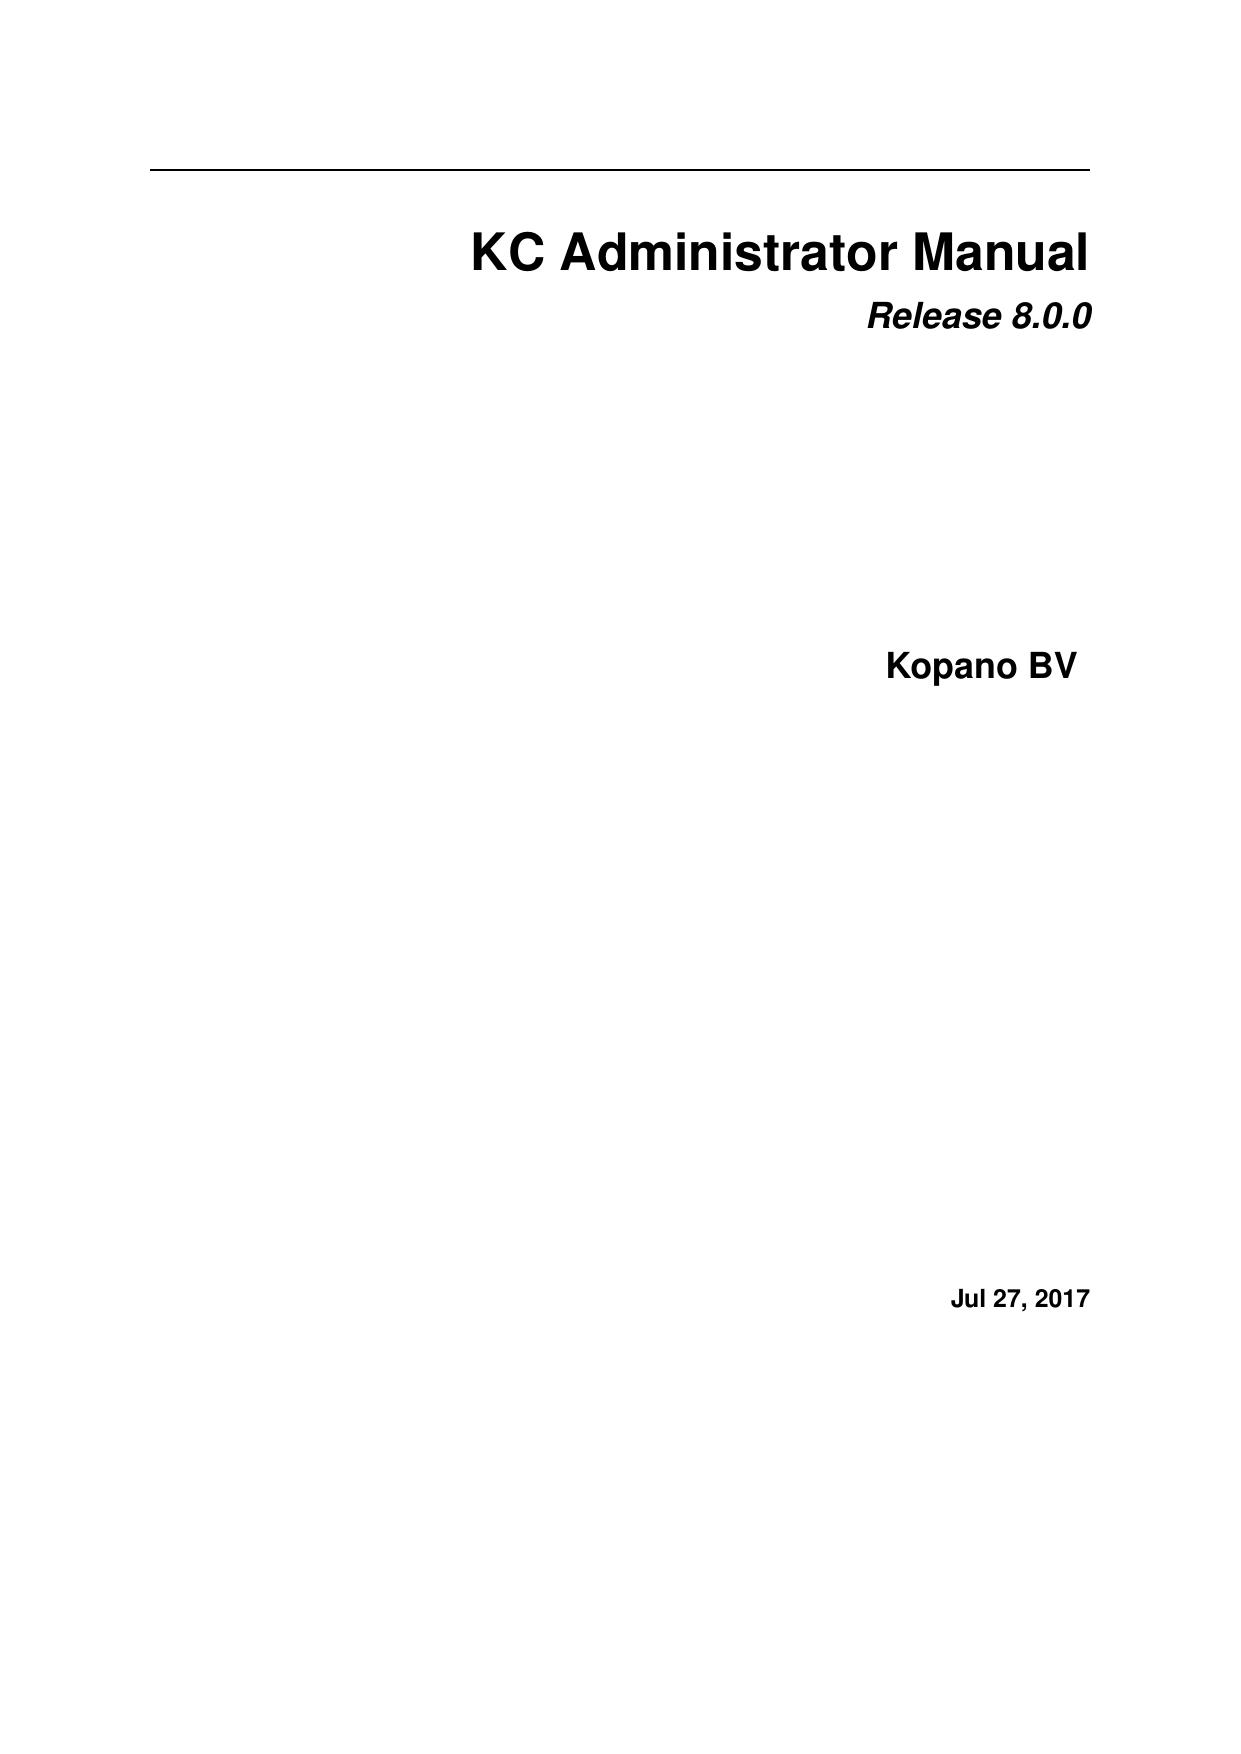 KC Administrator Manual - Kopano | manualzz com